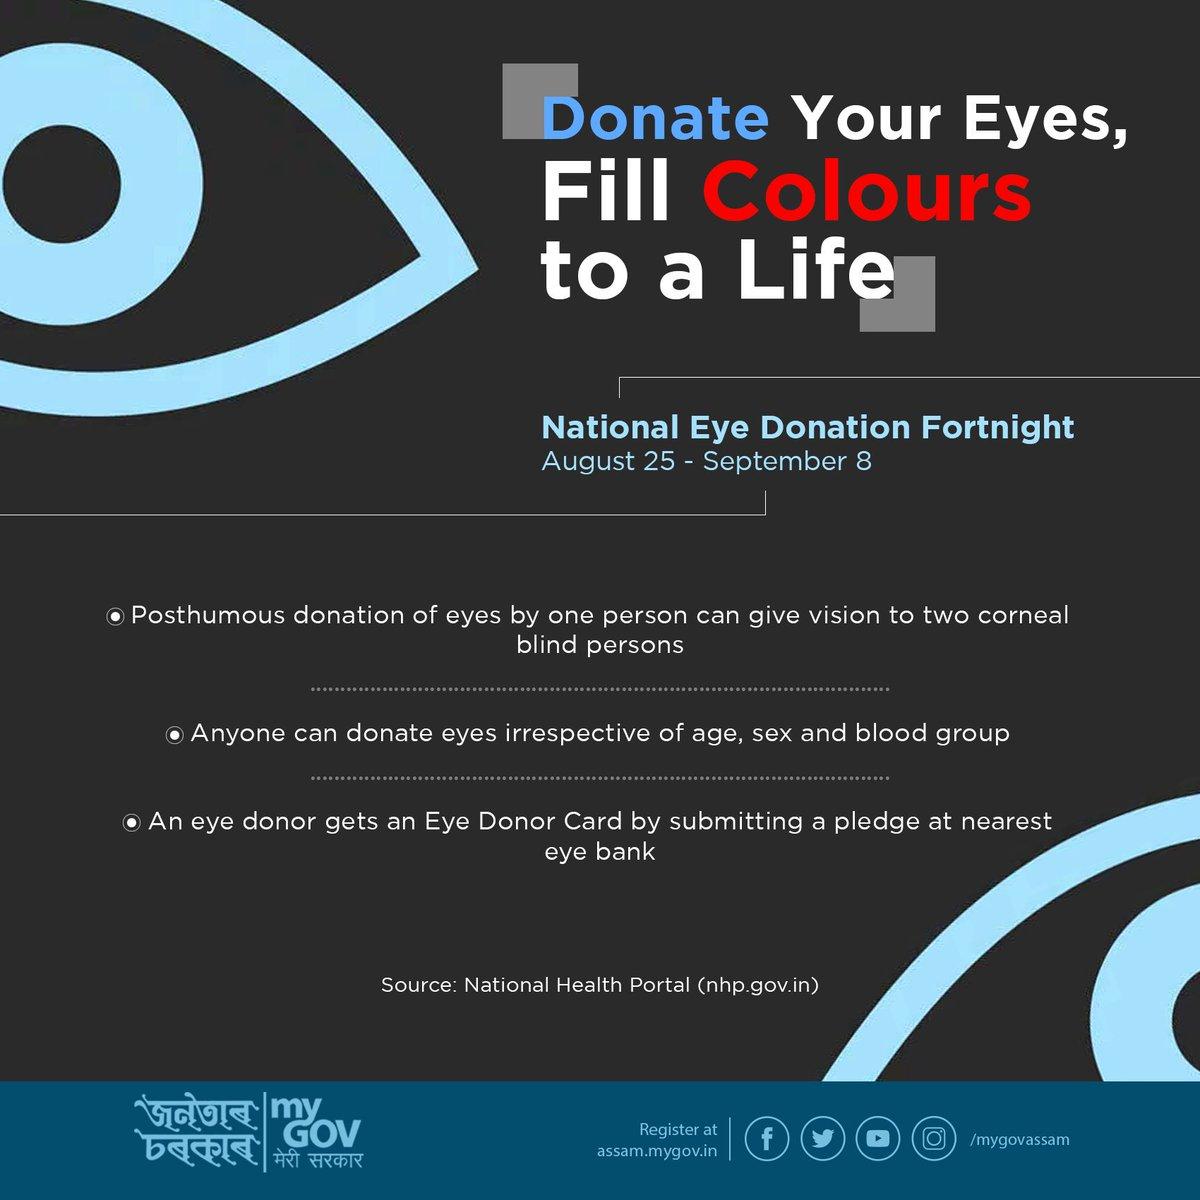 donateeyes hashtag on Twitter